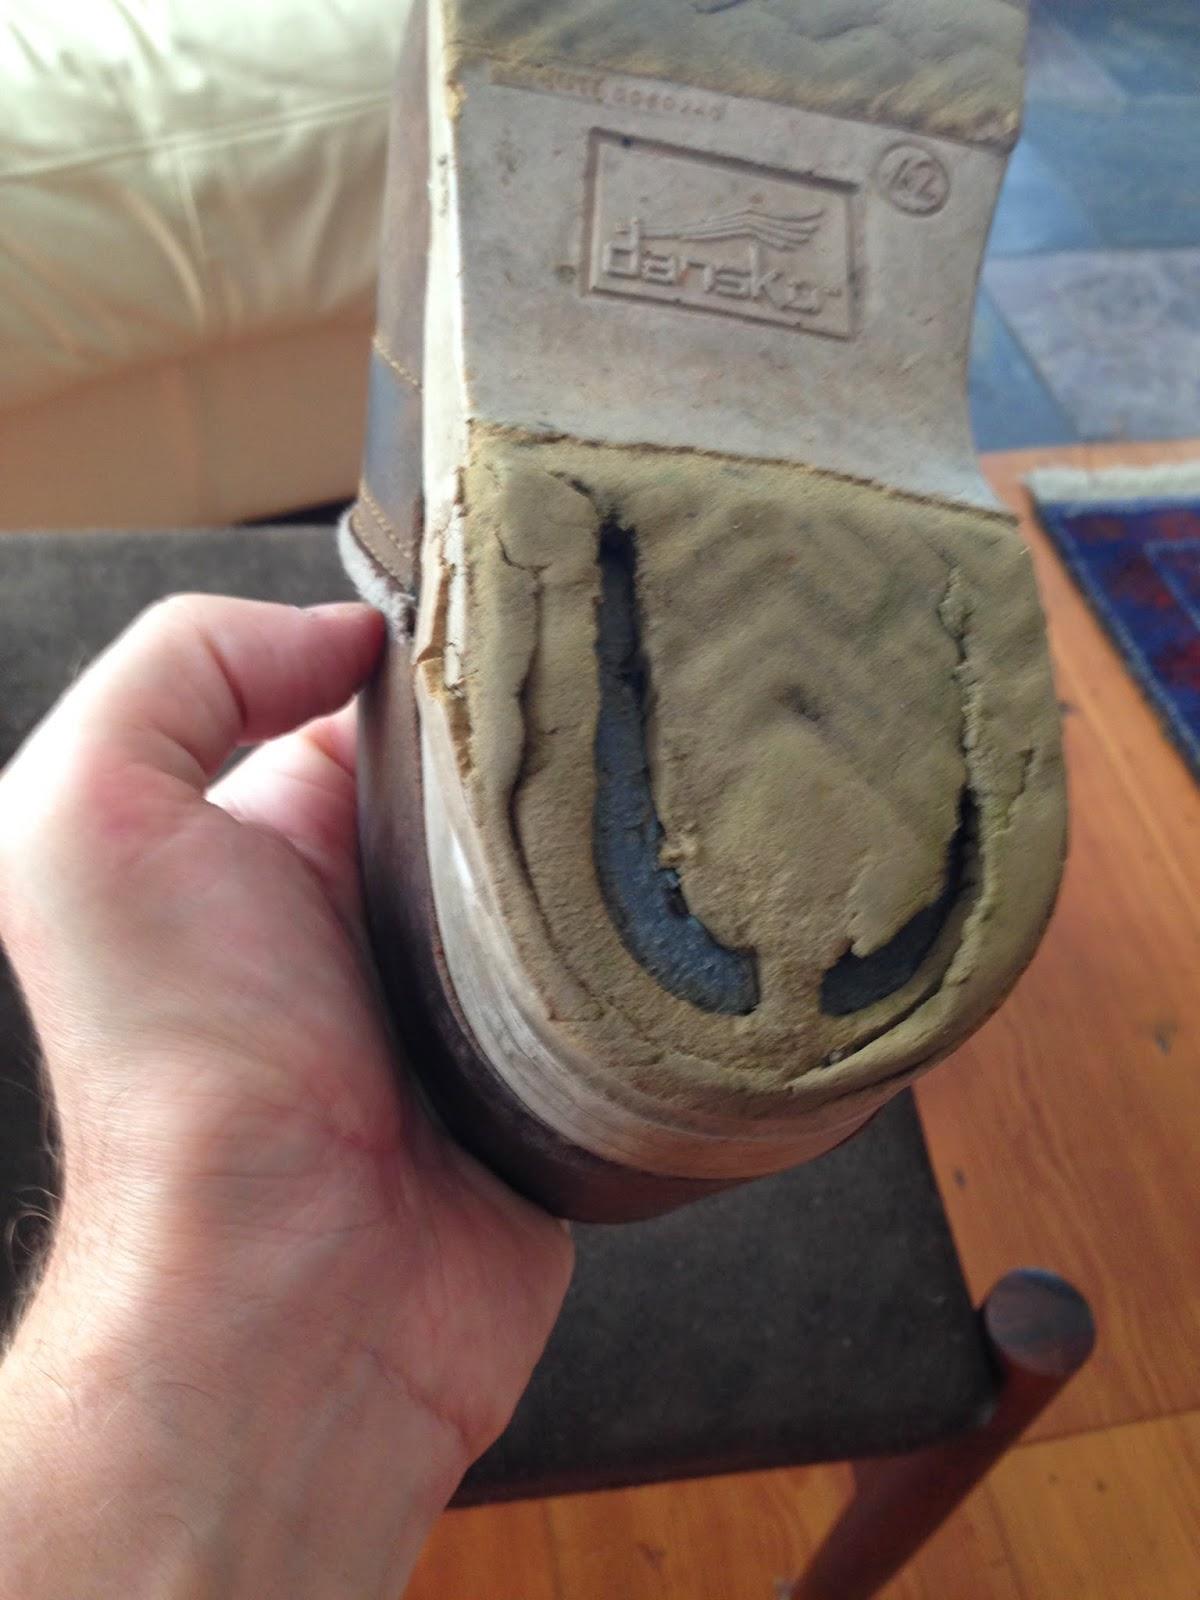 Dansko Shoes Crumbling